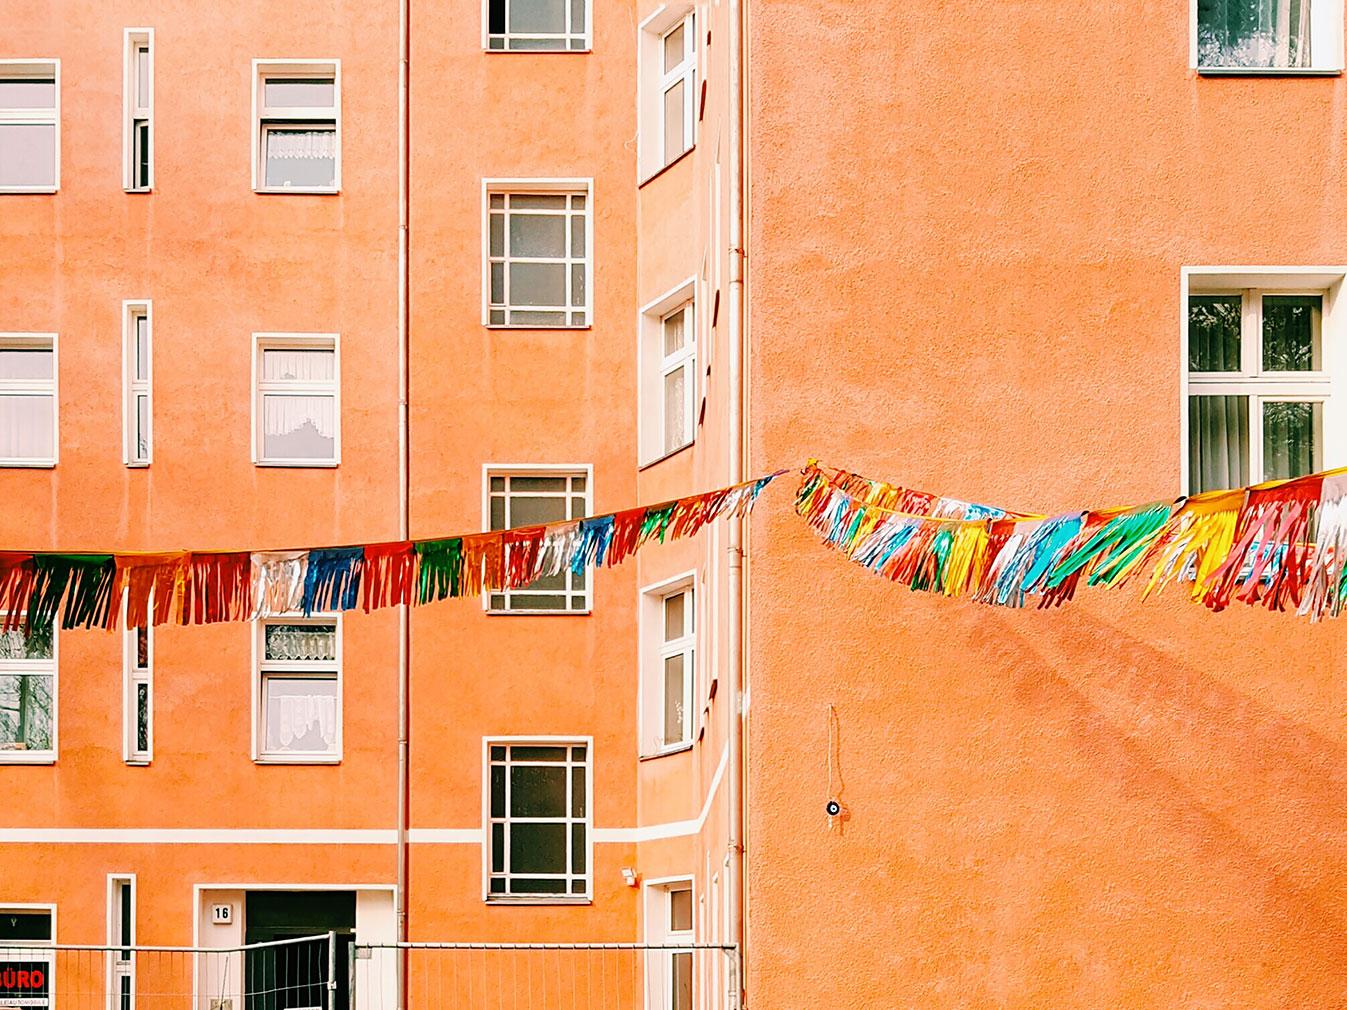 Helin Bereket Berlin photo essay – The Spaces